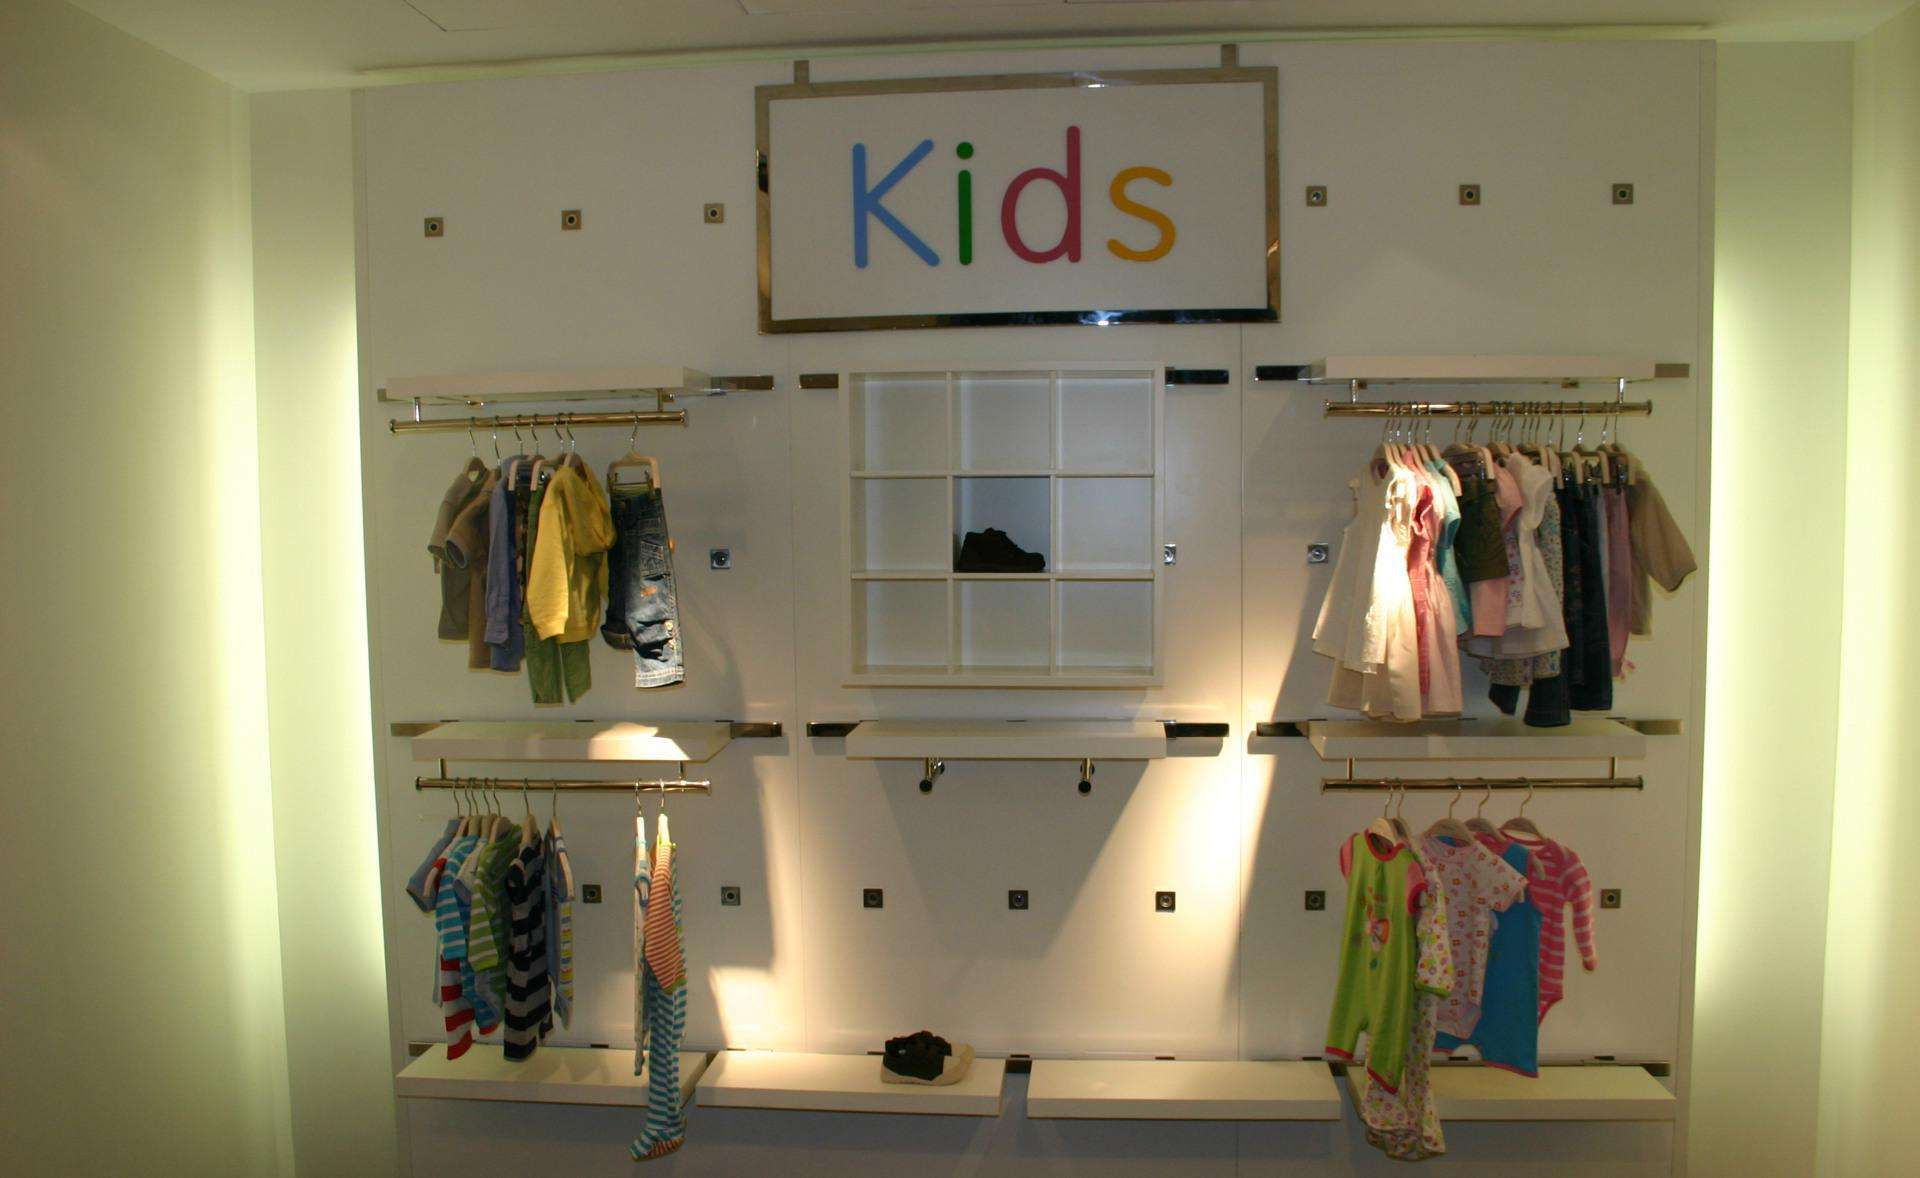 童装店有投资前景和优势吗